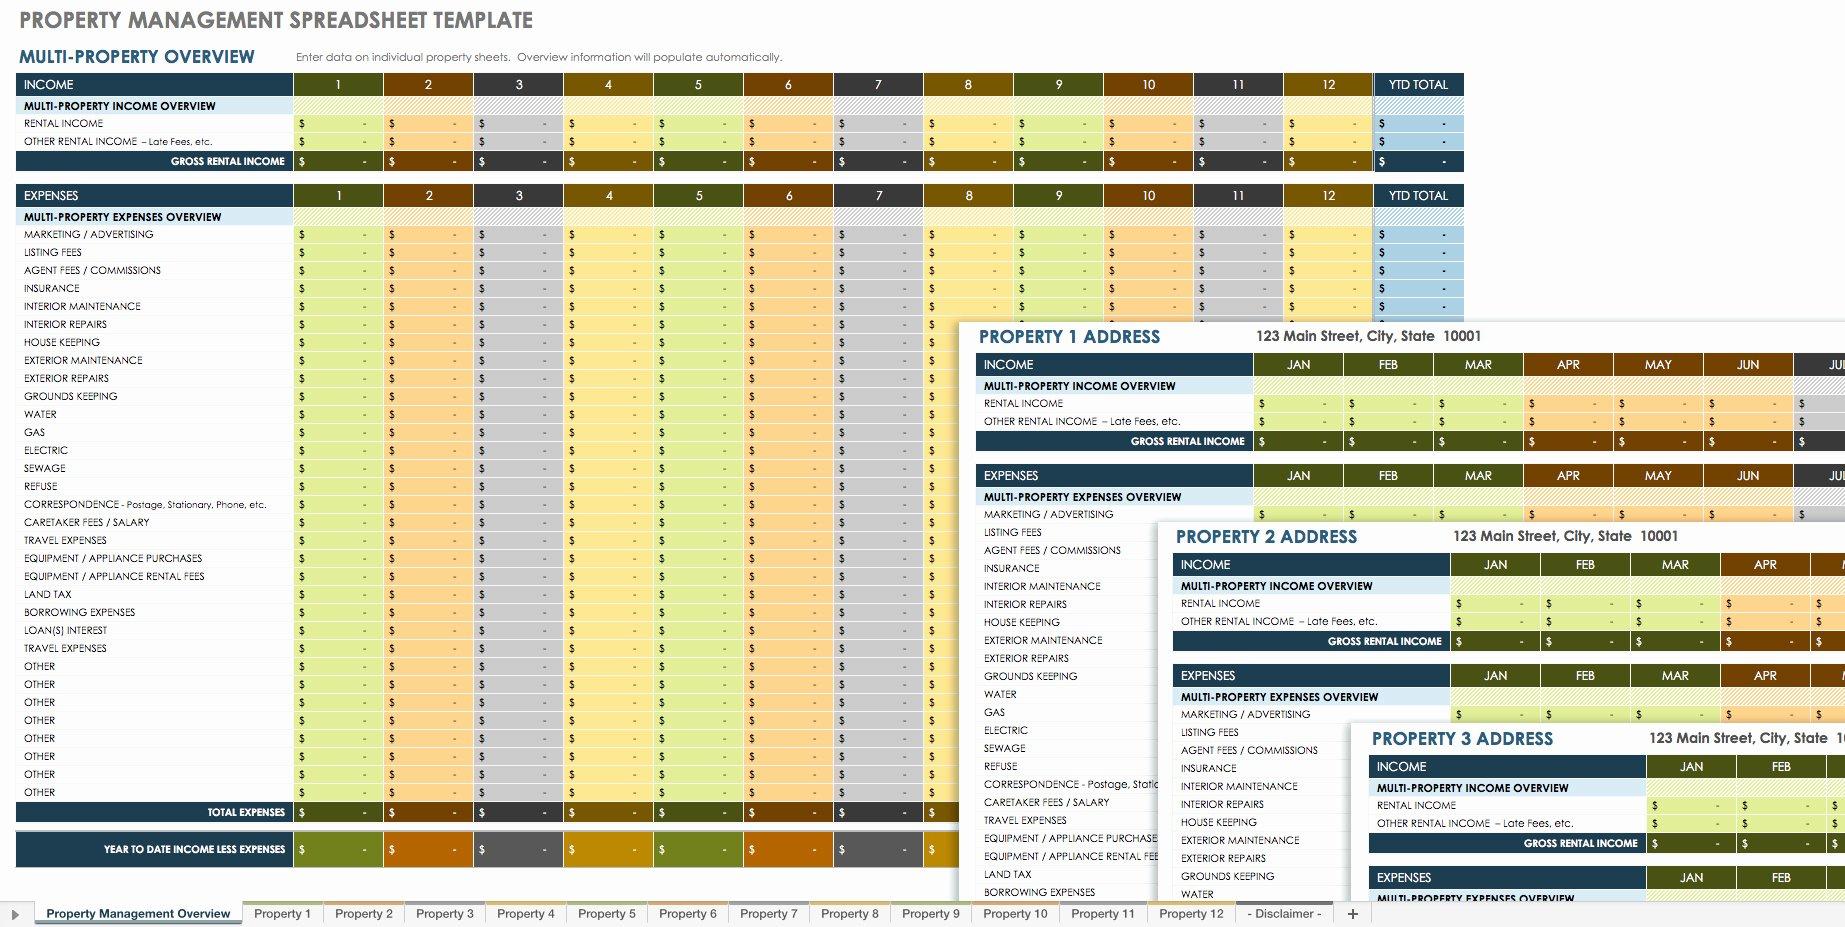 Property Management Excel Template Unique 18 Free Property Management Templates